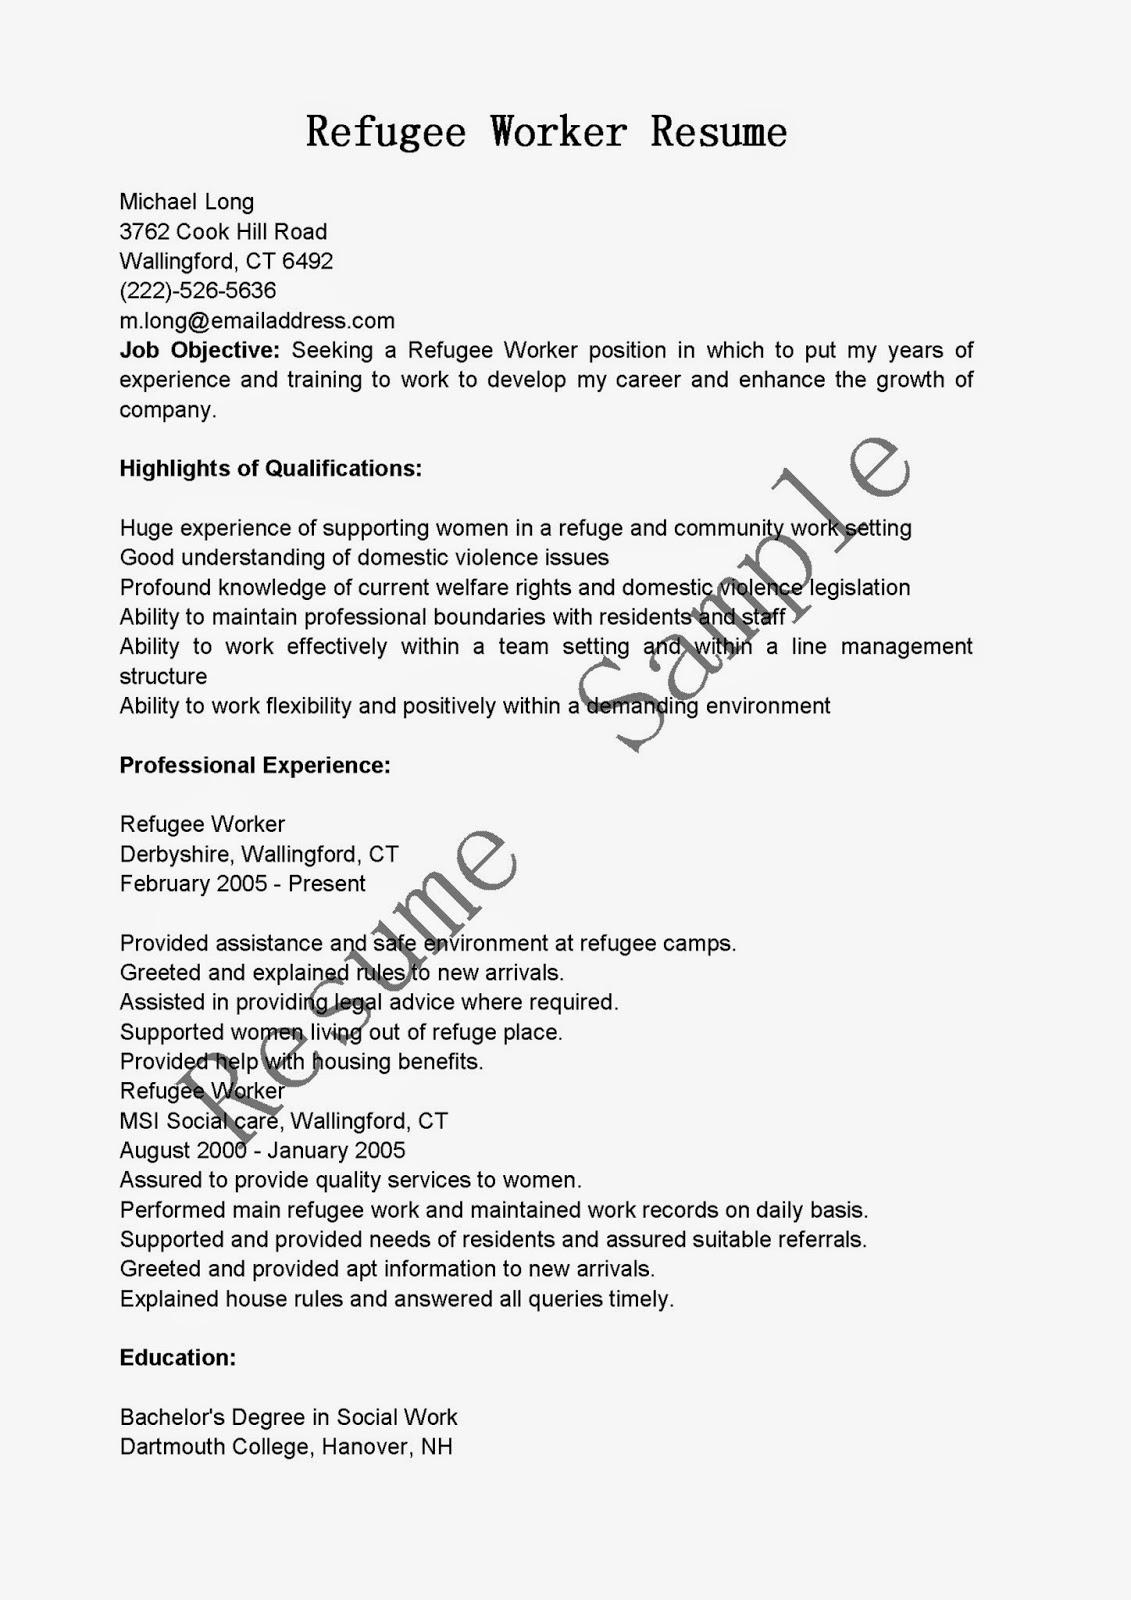 Resume Samples Refugee Worker Resume Sample